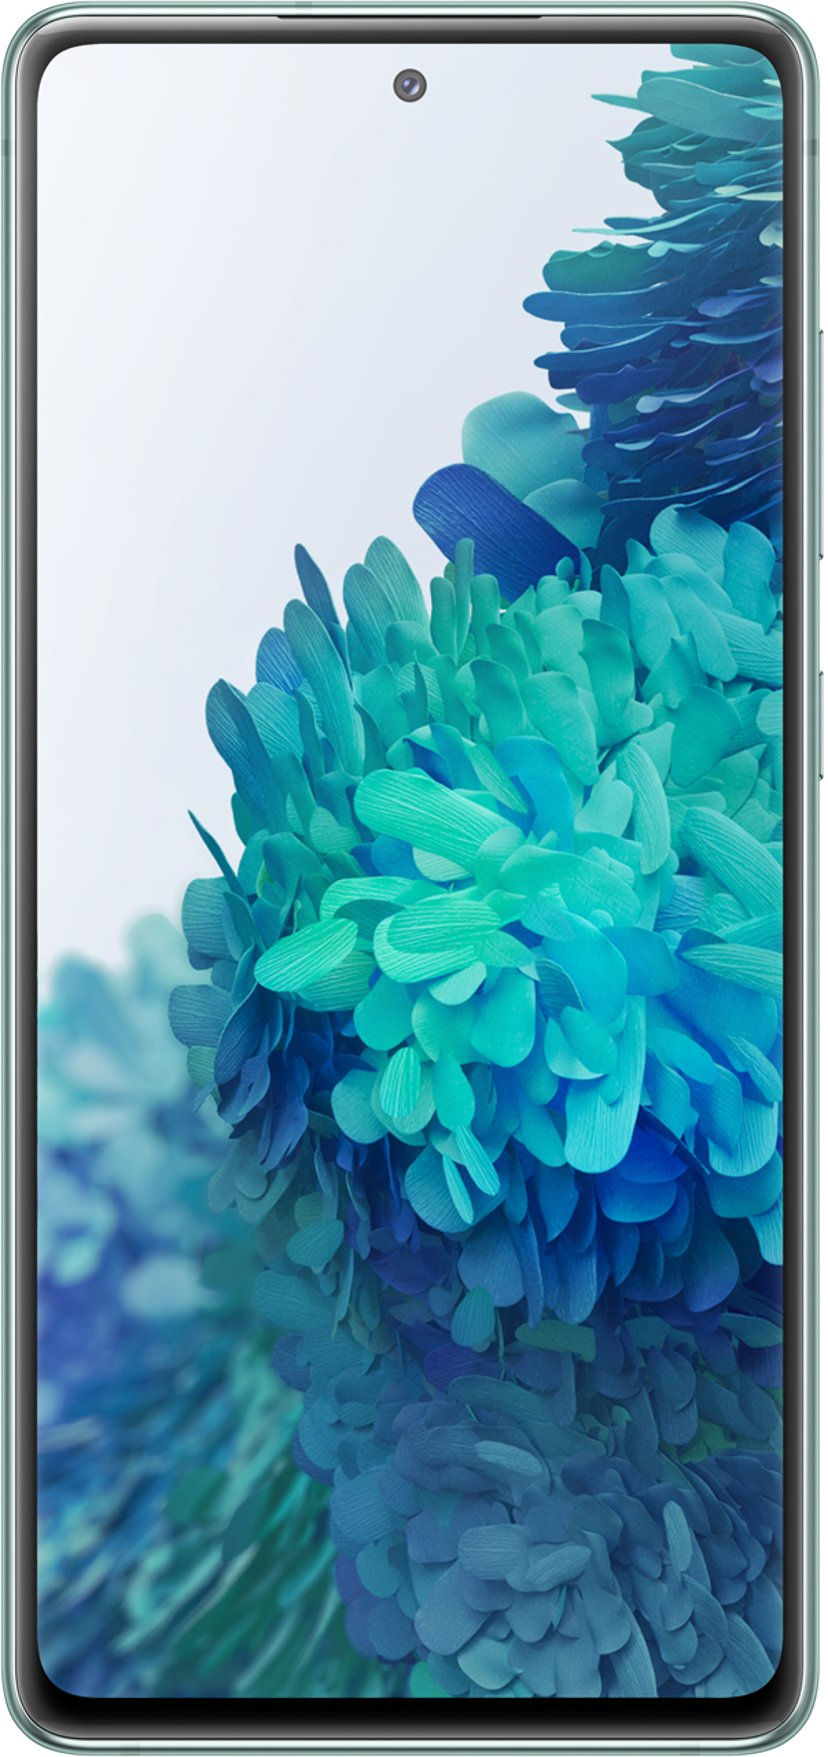 Samsung Galaxy S20 FE 5G 128GB Dual-SIM Sky-mynte